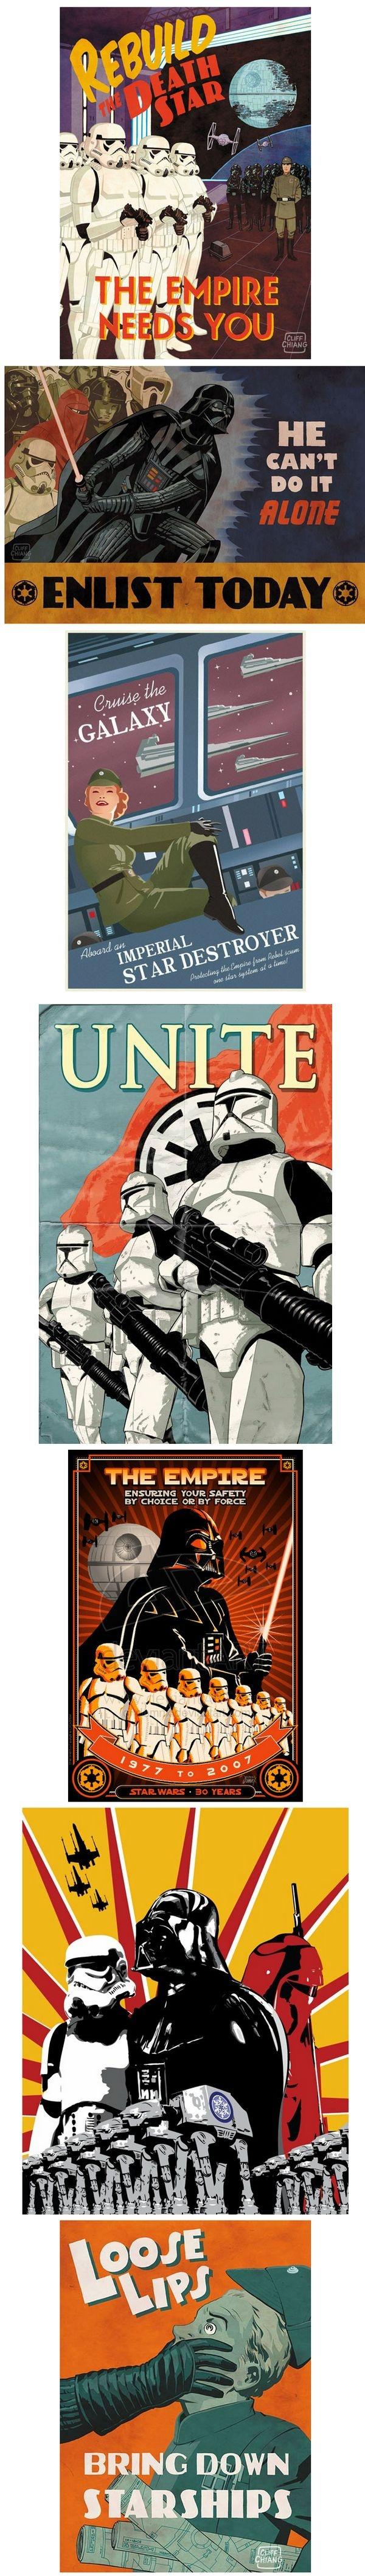 ______________________________________________________________________________________________________________________  Propaganda posters de las Fuerzas Imperiales y de la Alianza Rebelde de Star Wars